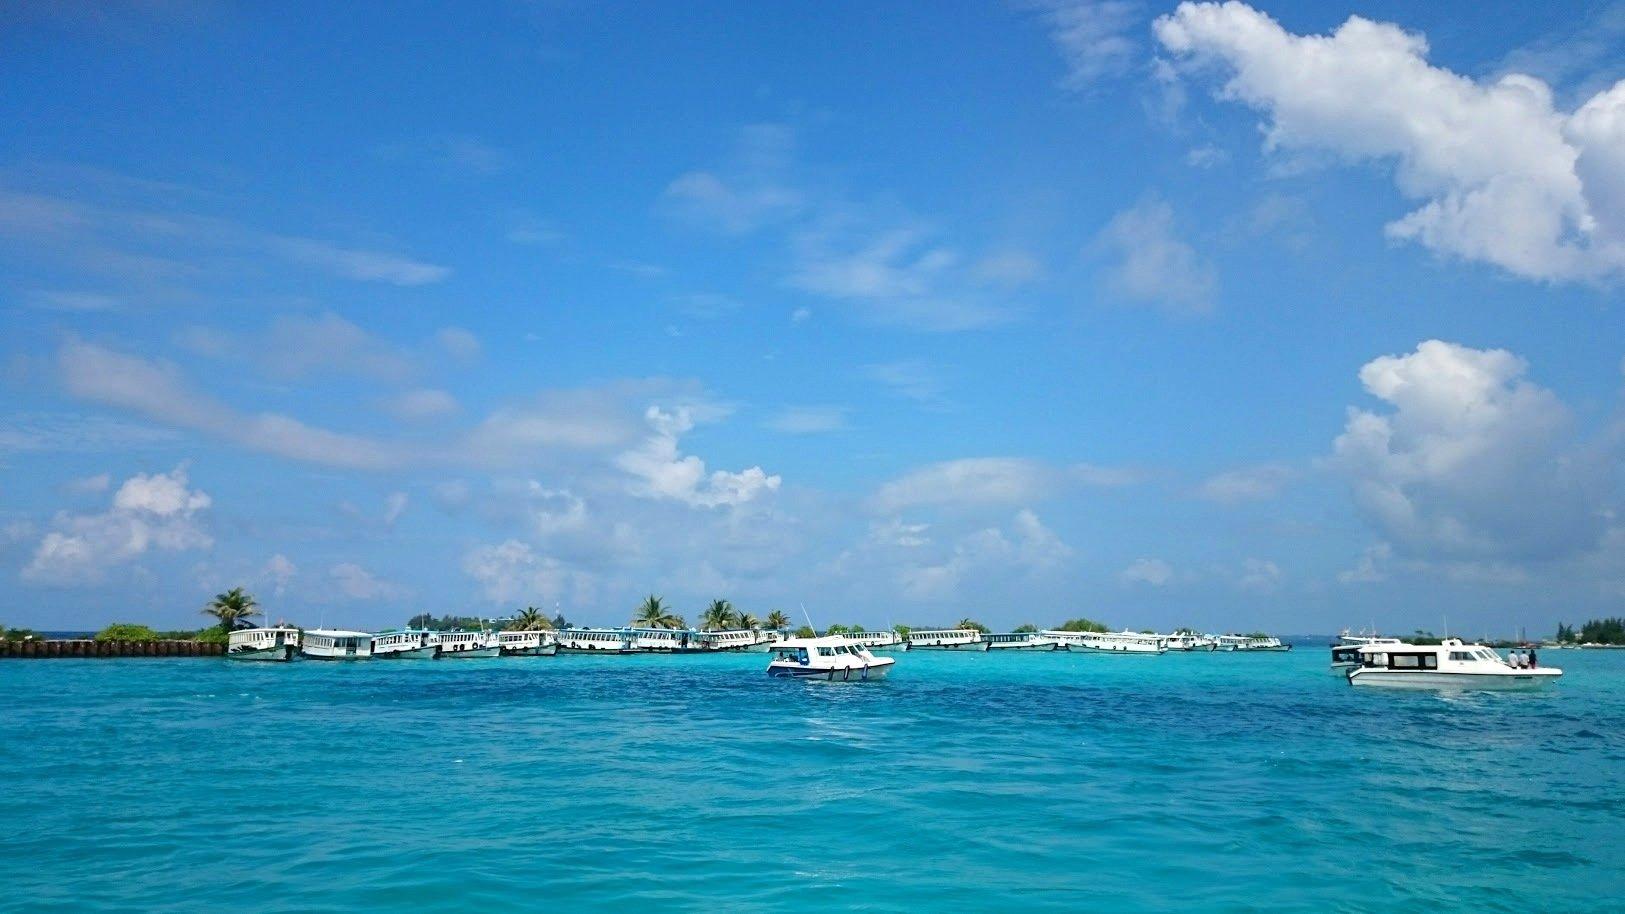 Malediivit Maafushi Male lentokenttä edullisesti malediiveille kokemuksia